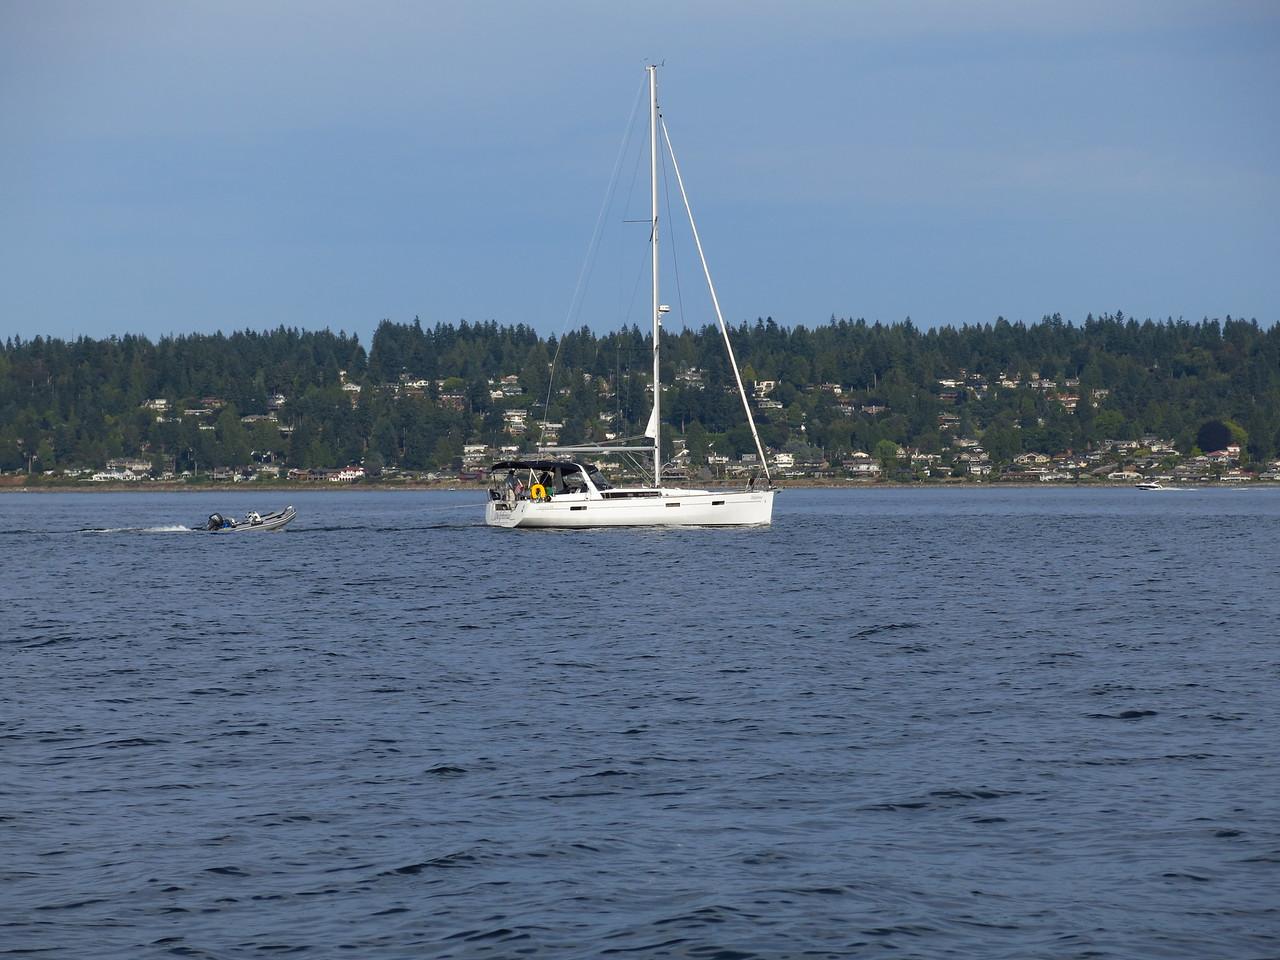 2015-08-02 Sail (14)